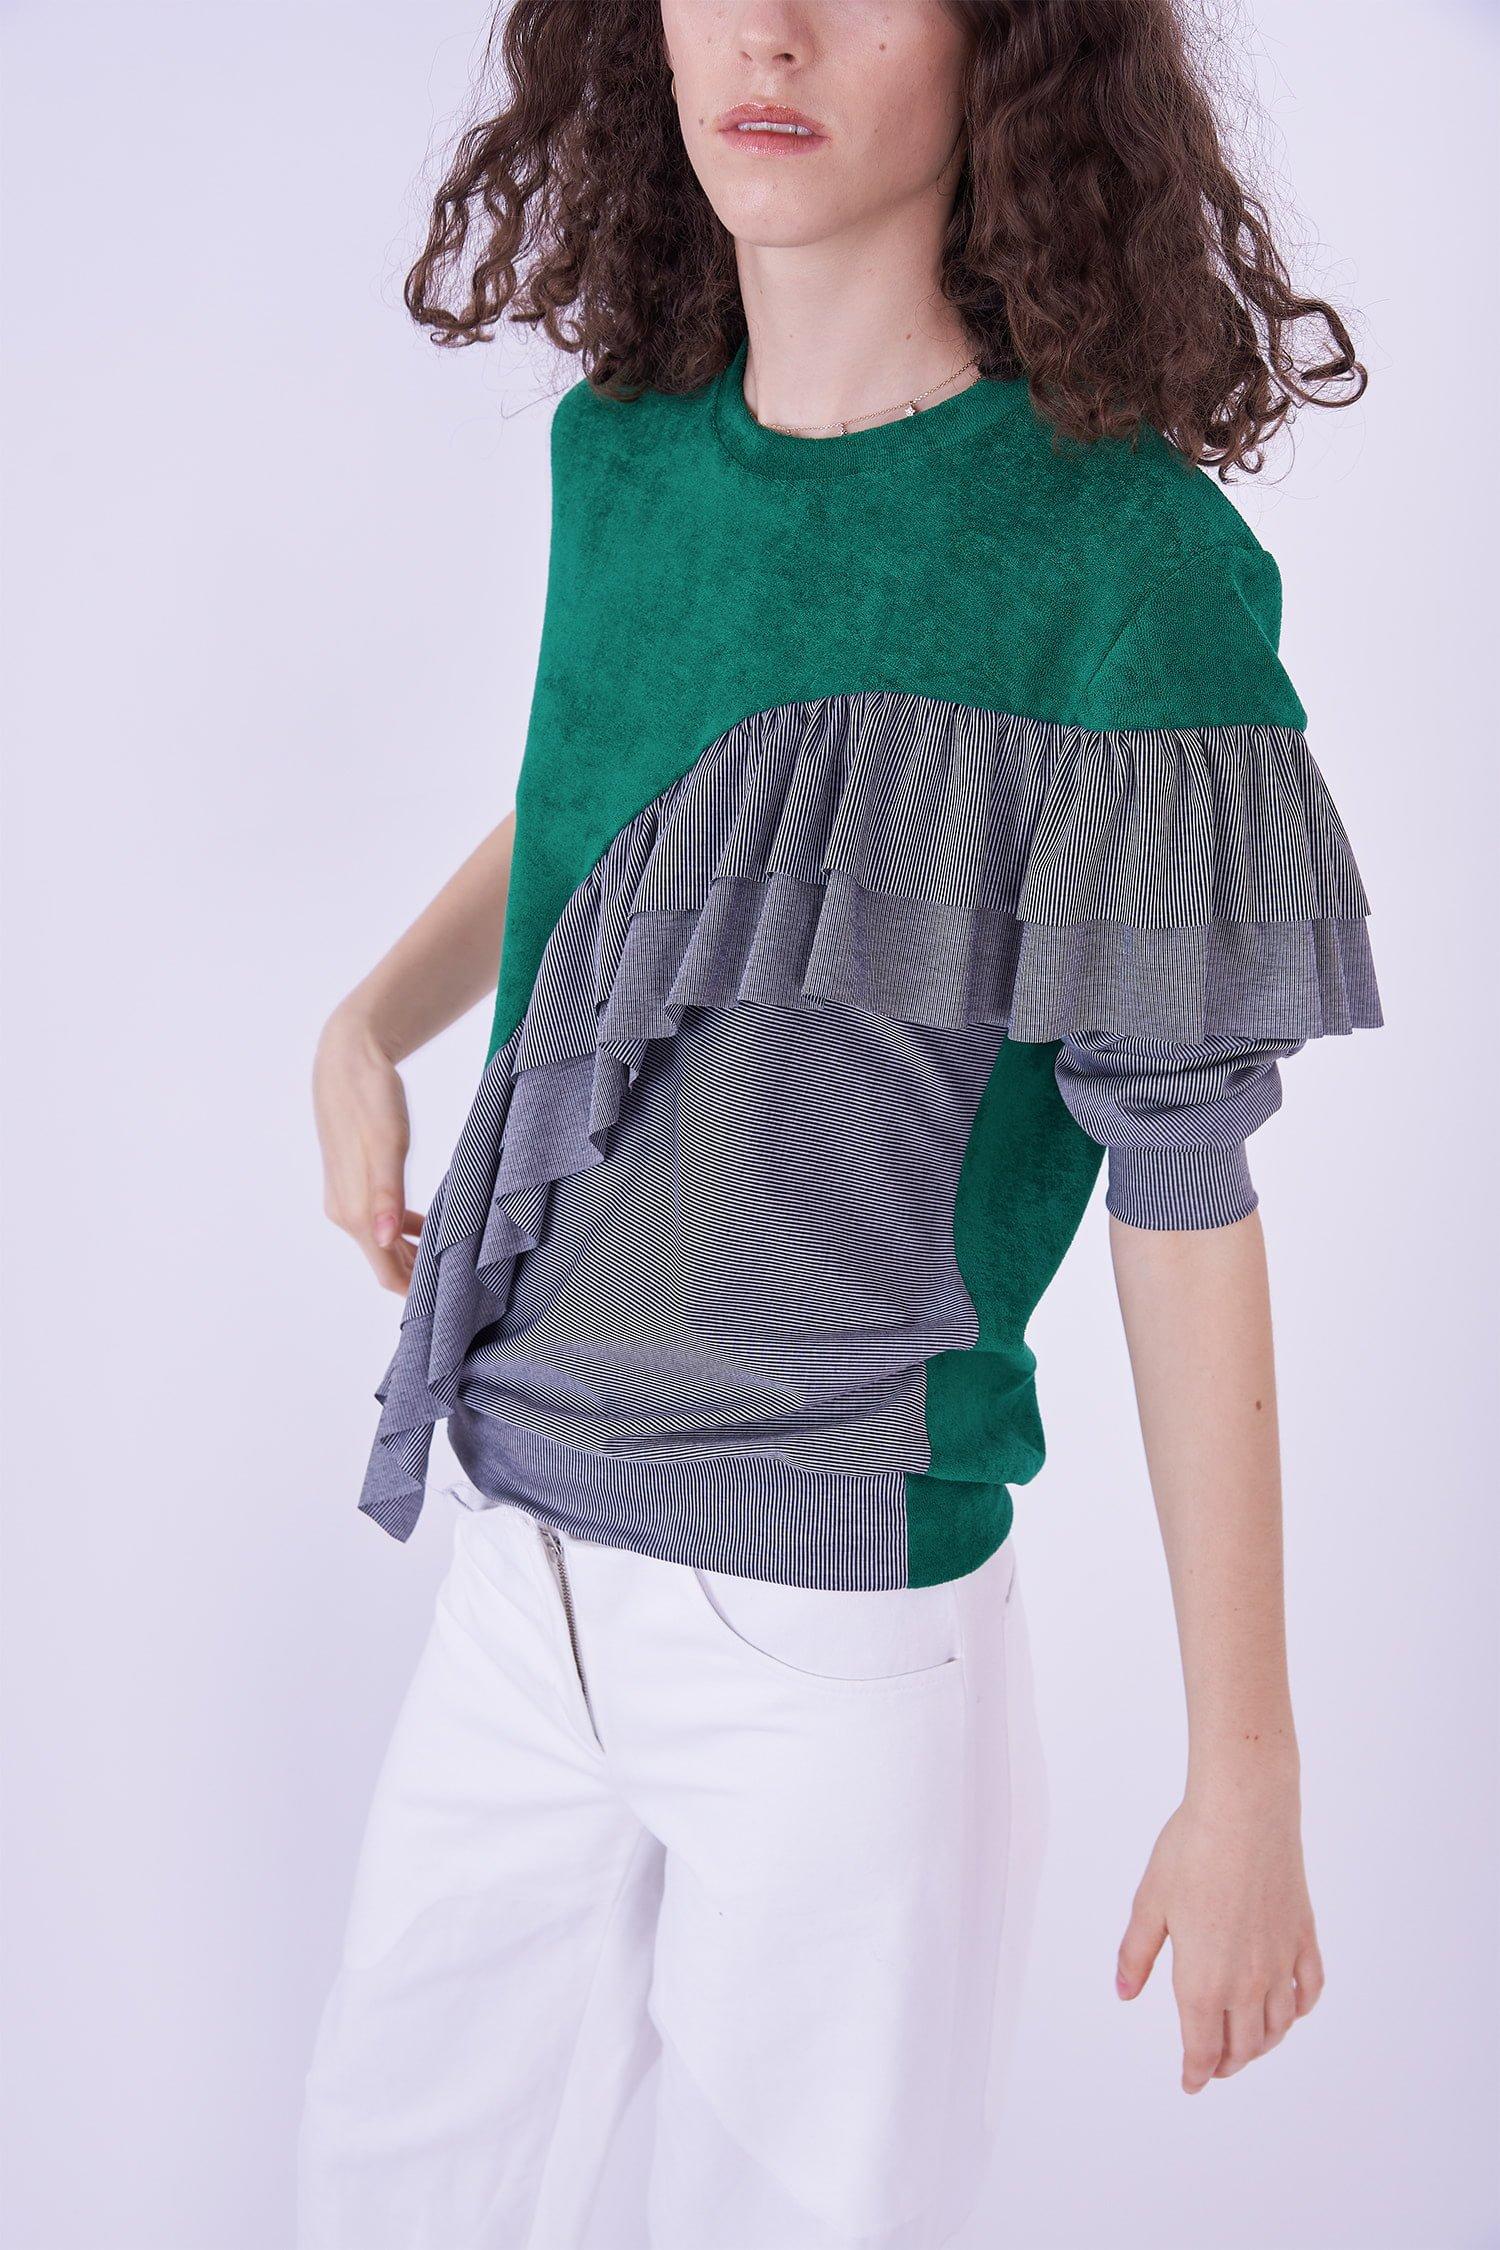 Acephala Ps2020 Green Grey Flounce Patchwork Blouse Bluzka Falbana White Trousers Biale Spodnie Detail